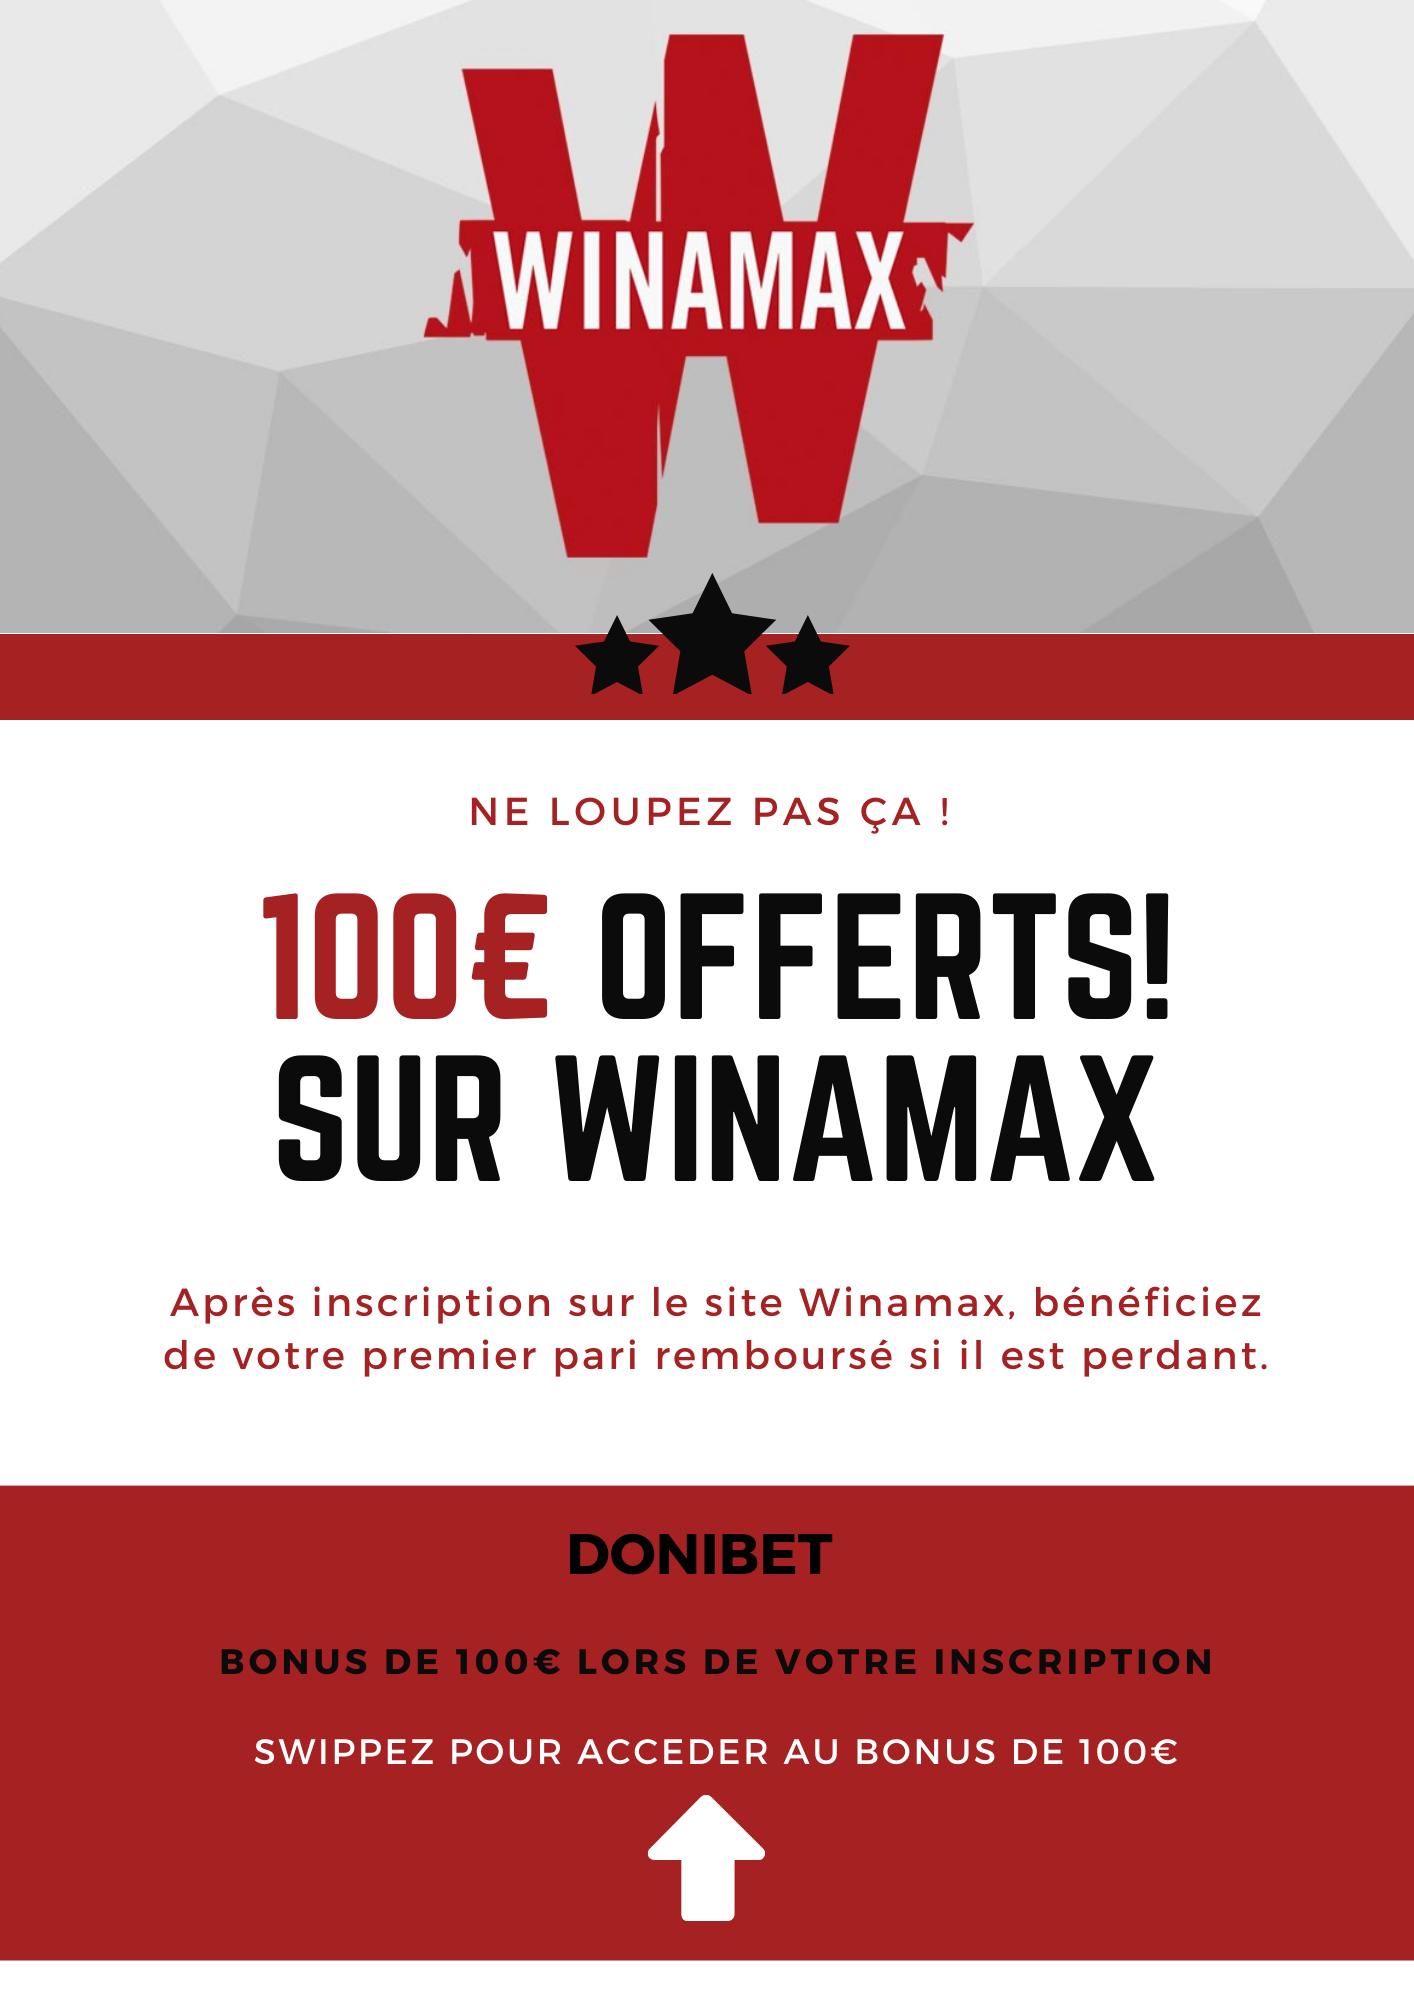 Winamax 100€ offerts!